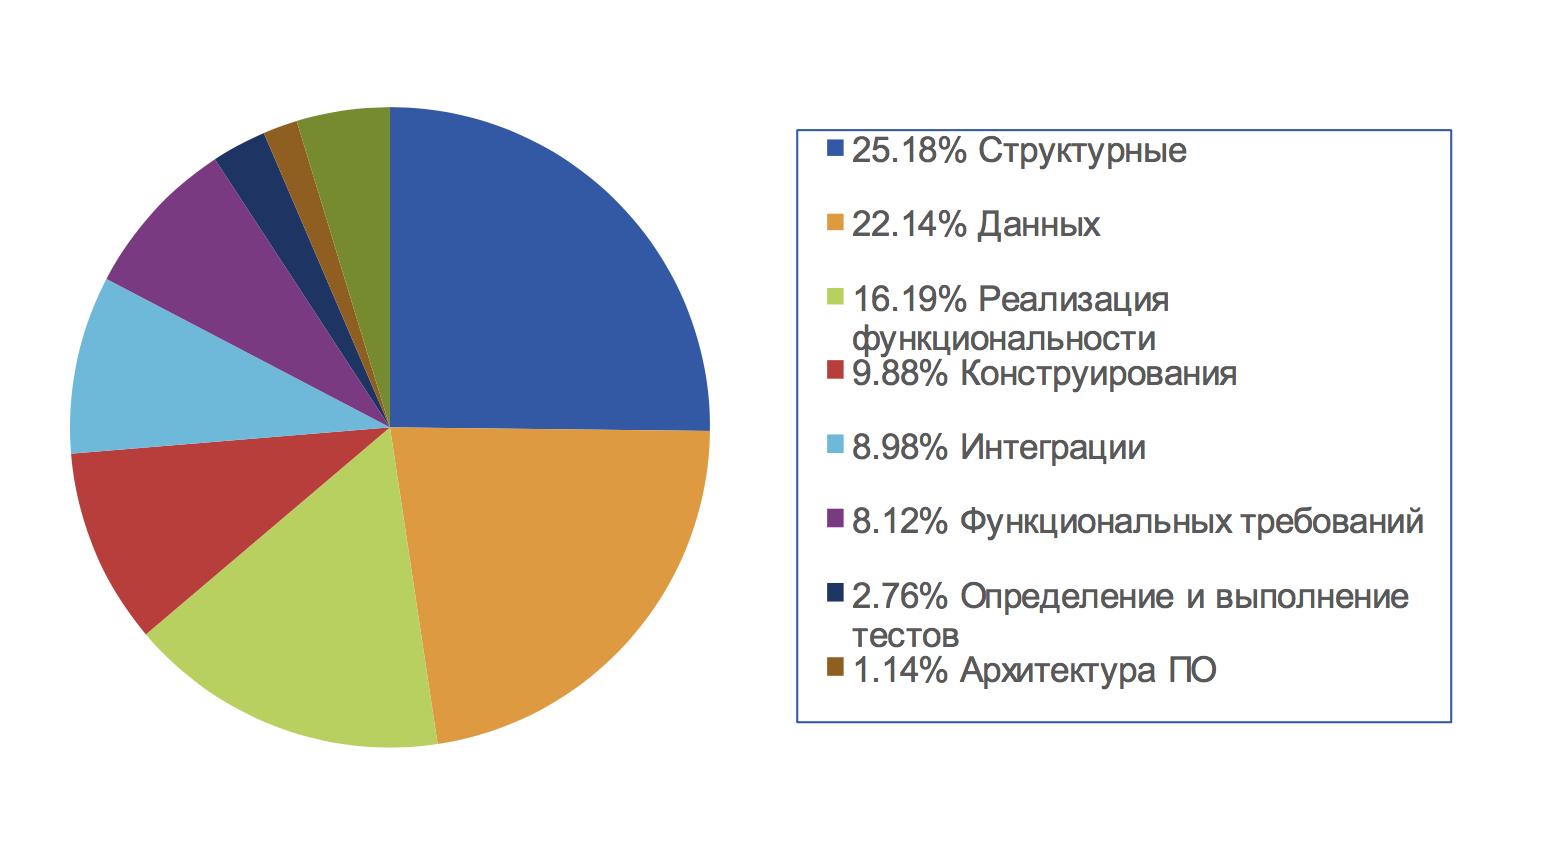 Тестирование глазами разработчика: инструменты, мифы, ситуации - 3